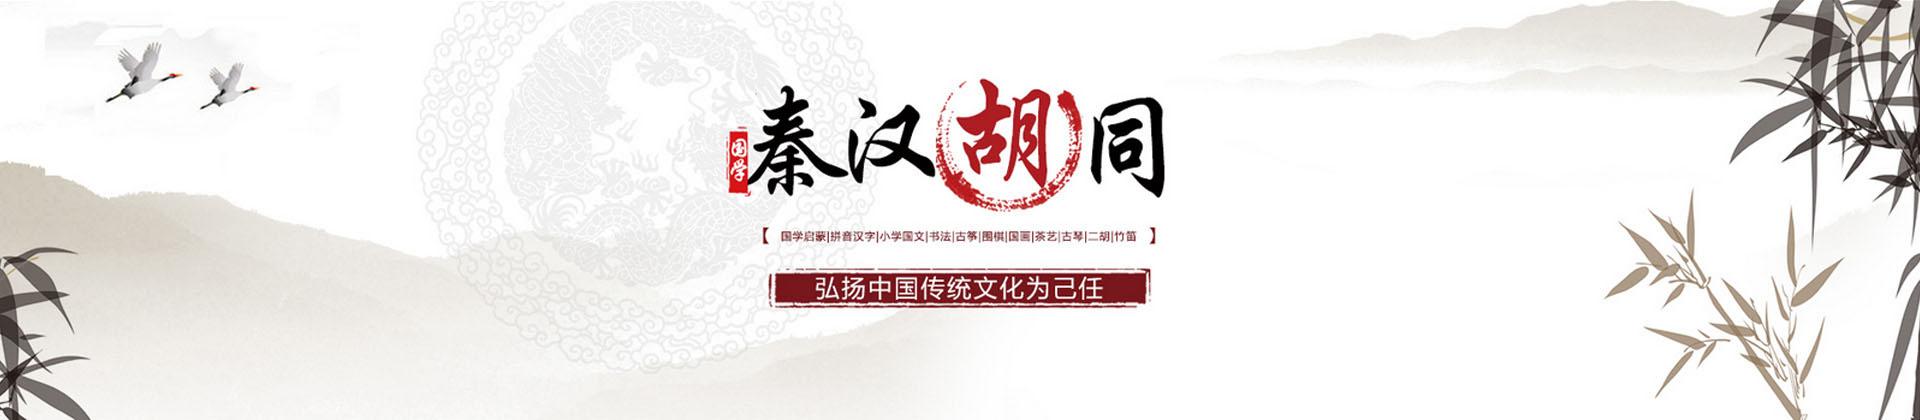 秦漢胡同國學書院